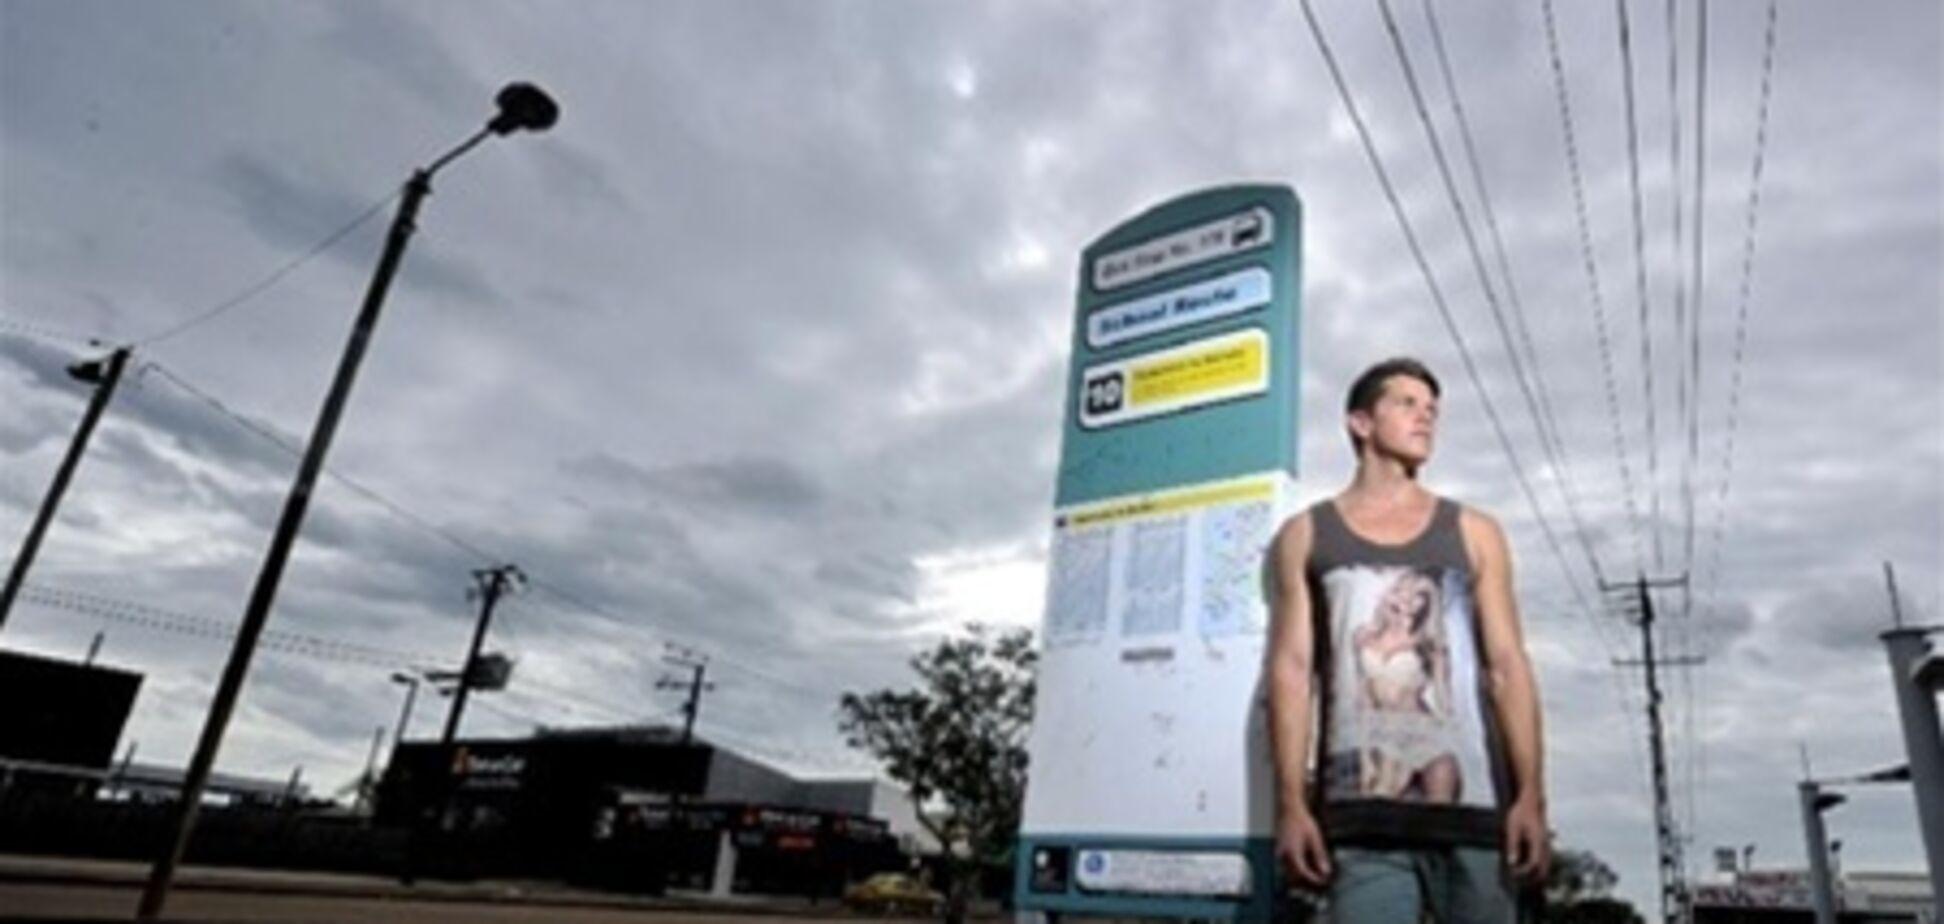 Австралійця вигнали з автобуса за 'зухвалу' футболку